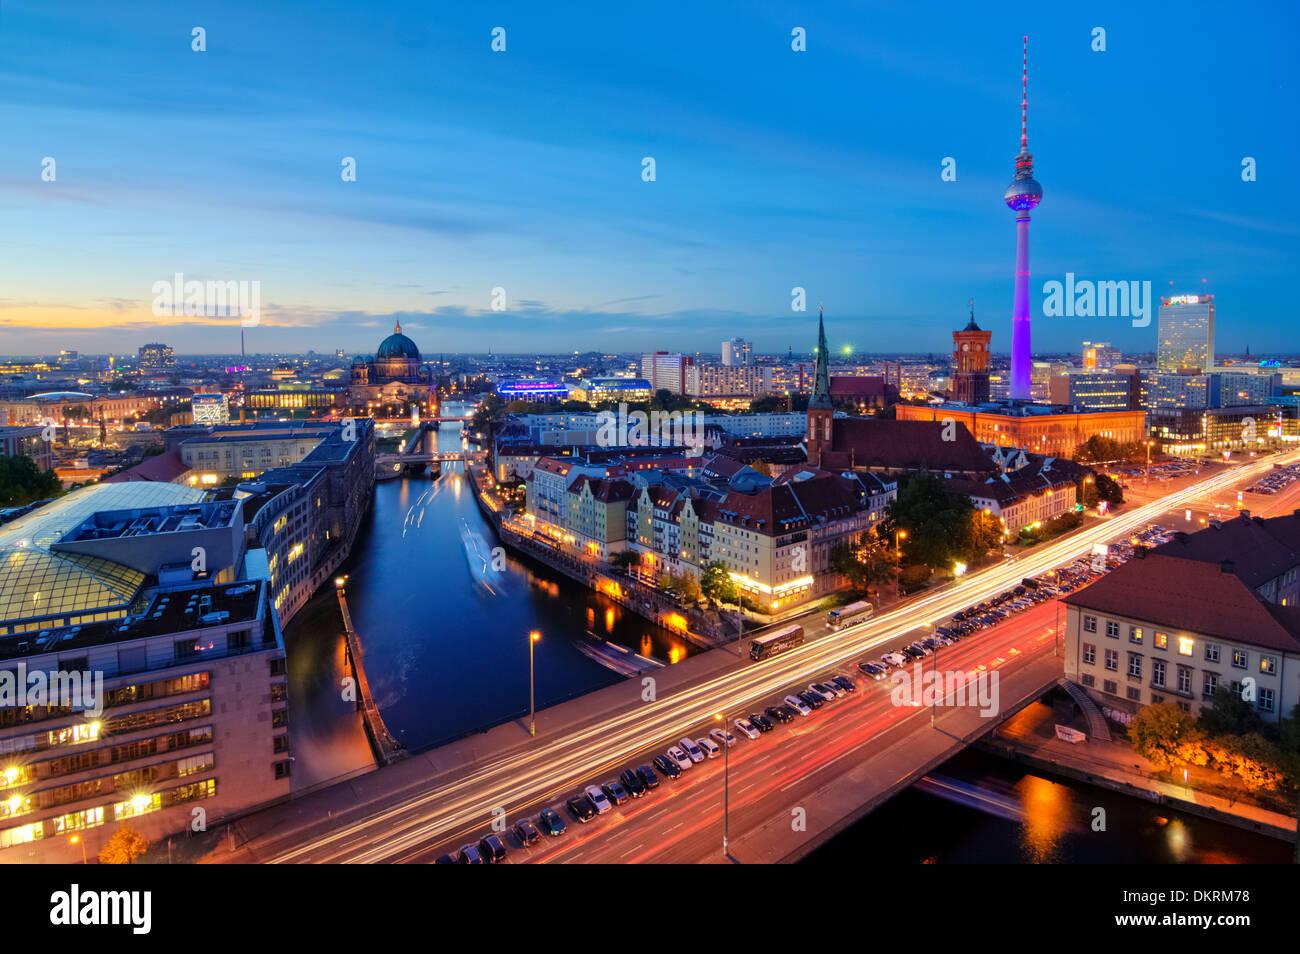 Skyline bei Nacht, Fischerinsel, Berlin-Mitte, Berlin, Deutschland Stockbild